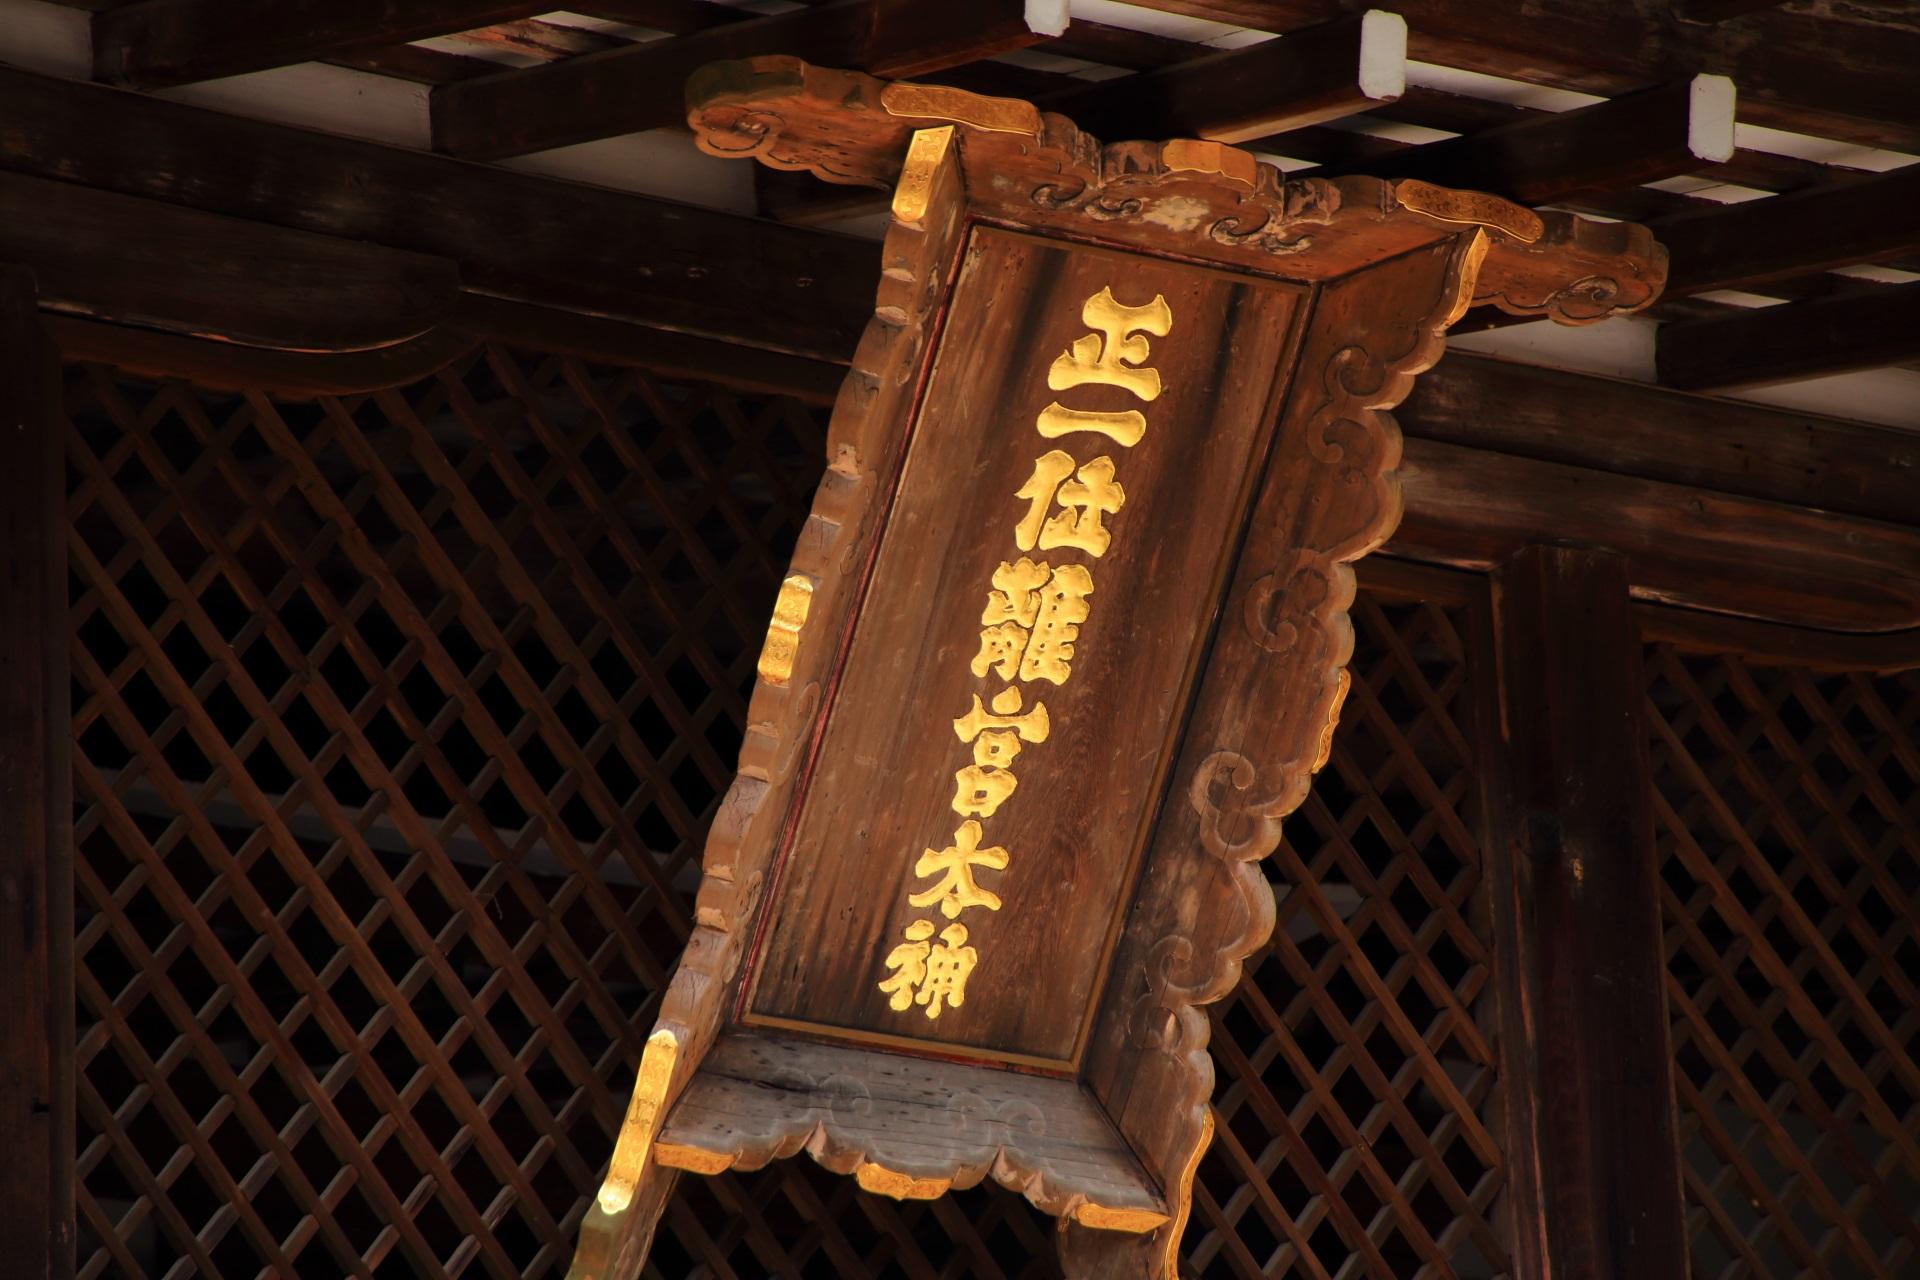 世界遺産の宇治上神社の扁額